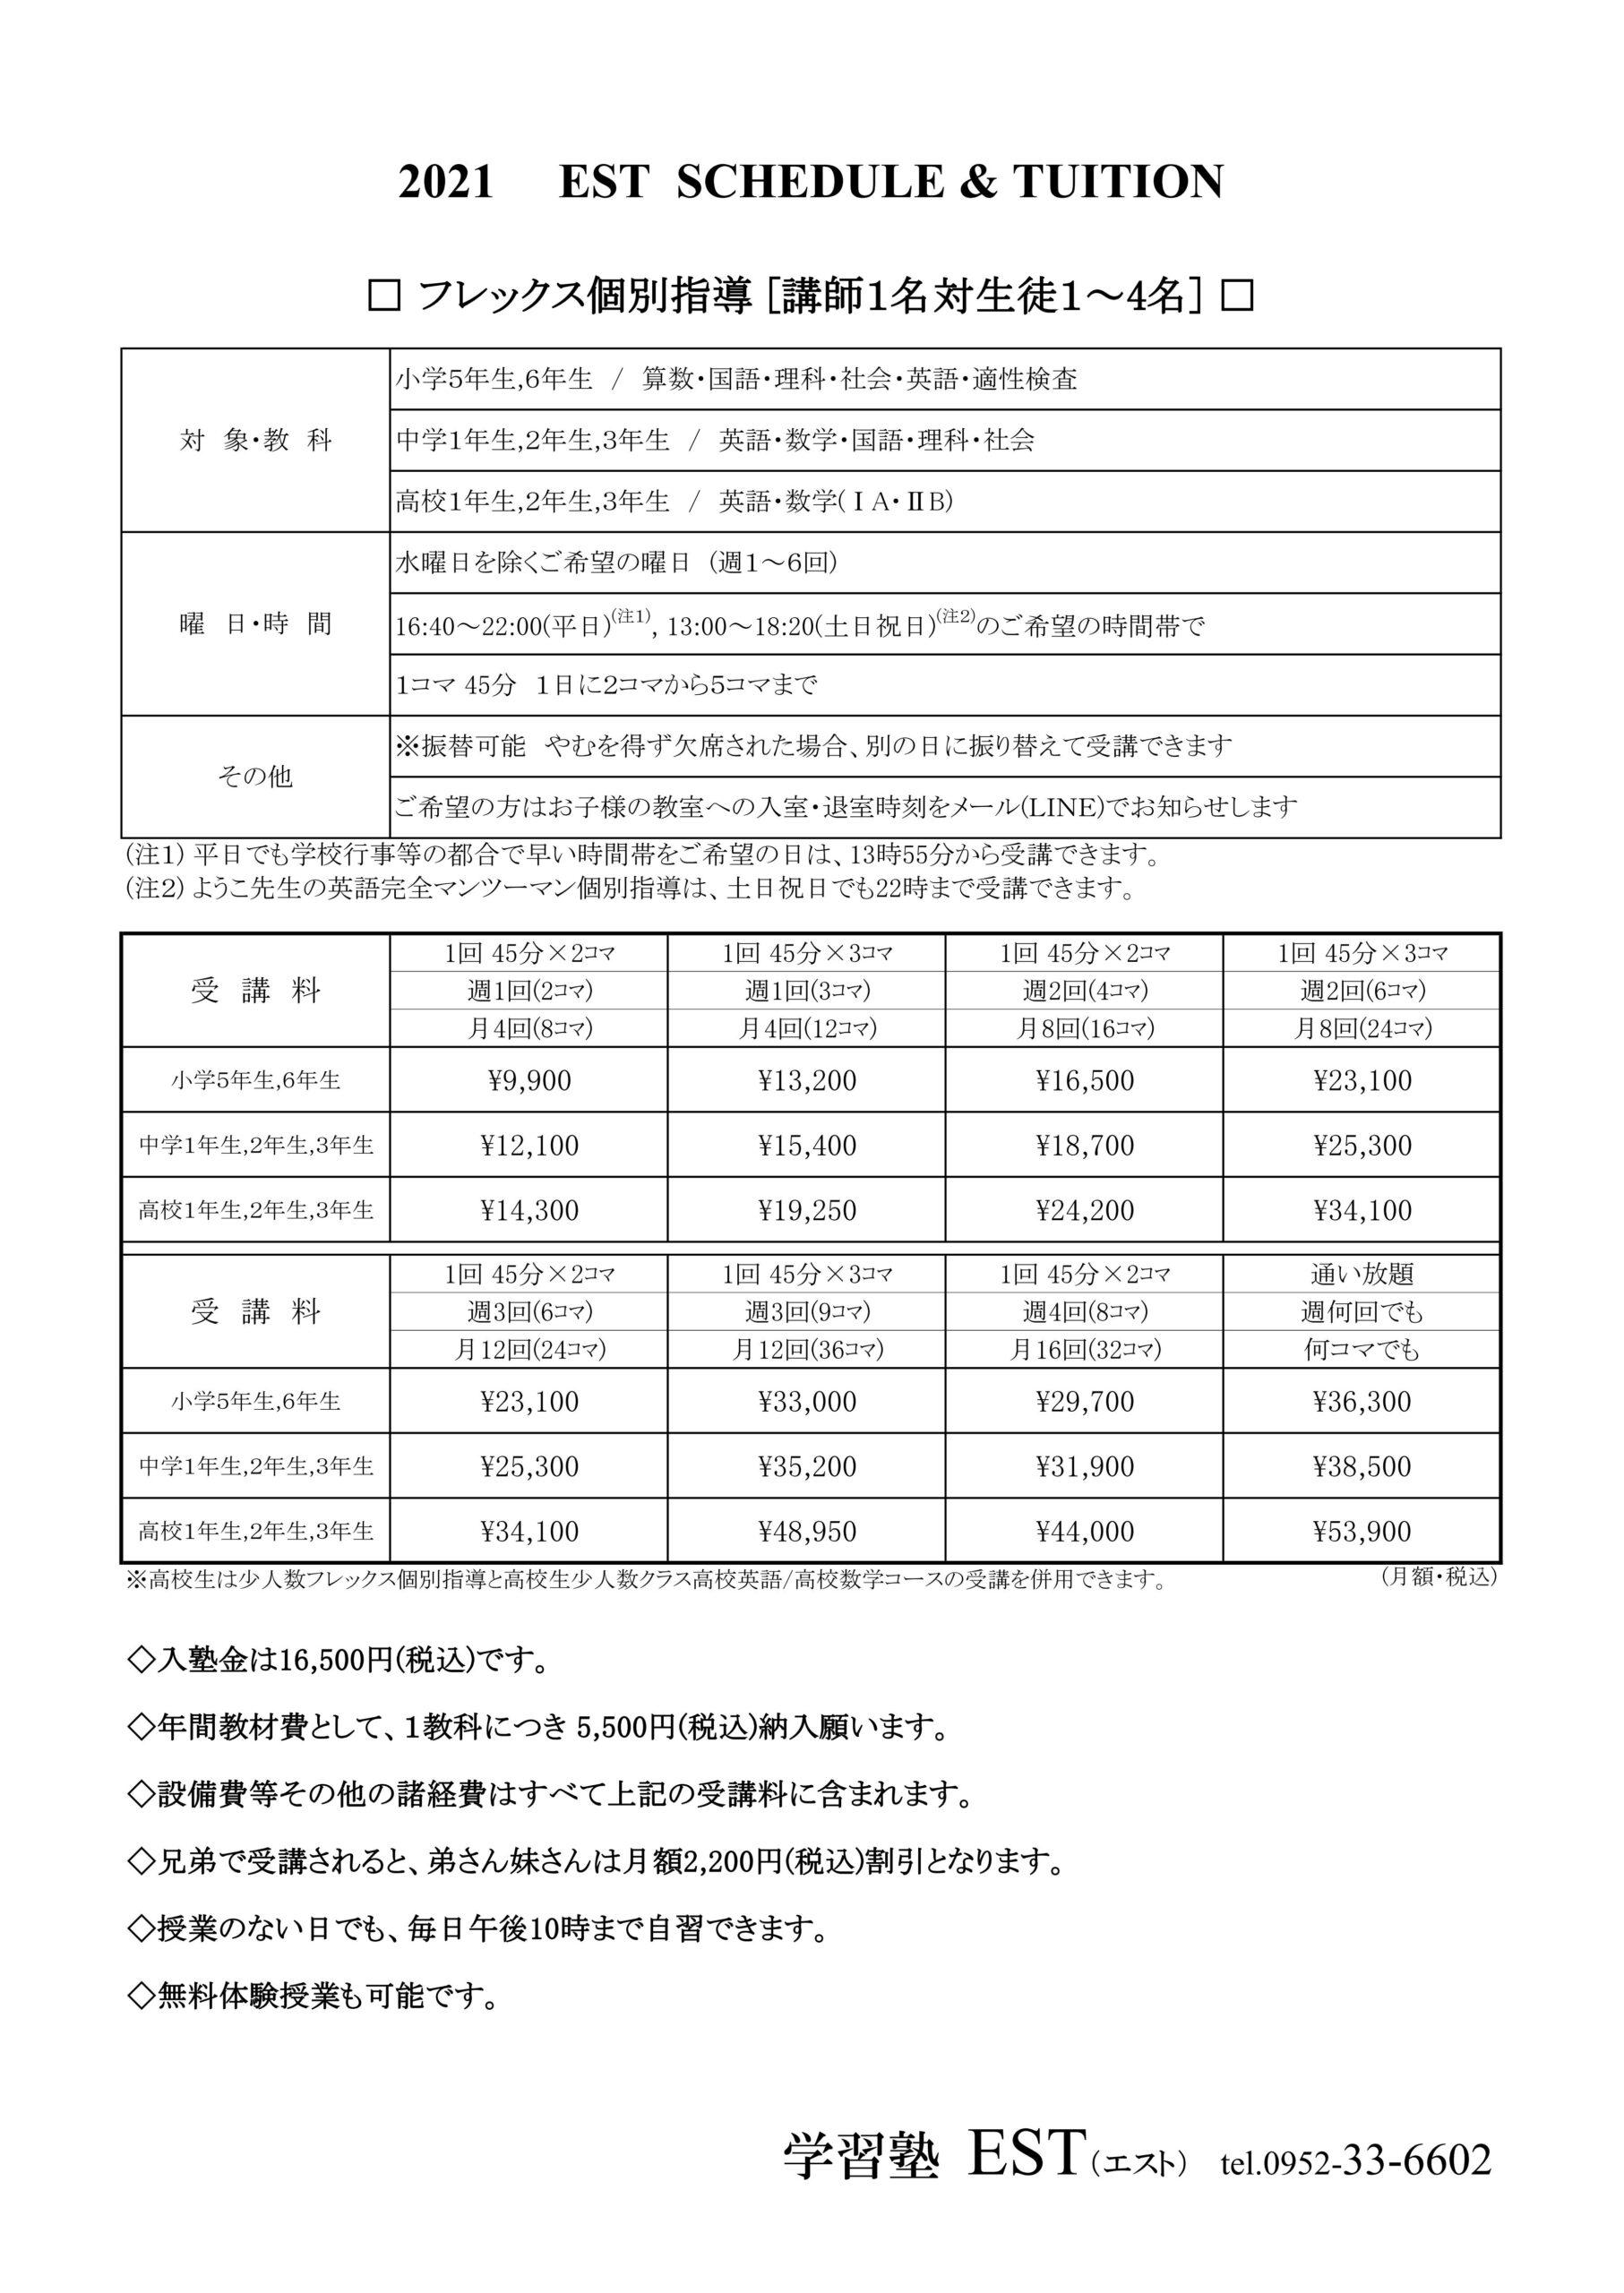 フレックス個別指導のコース内容・料金表